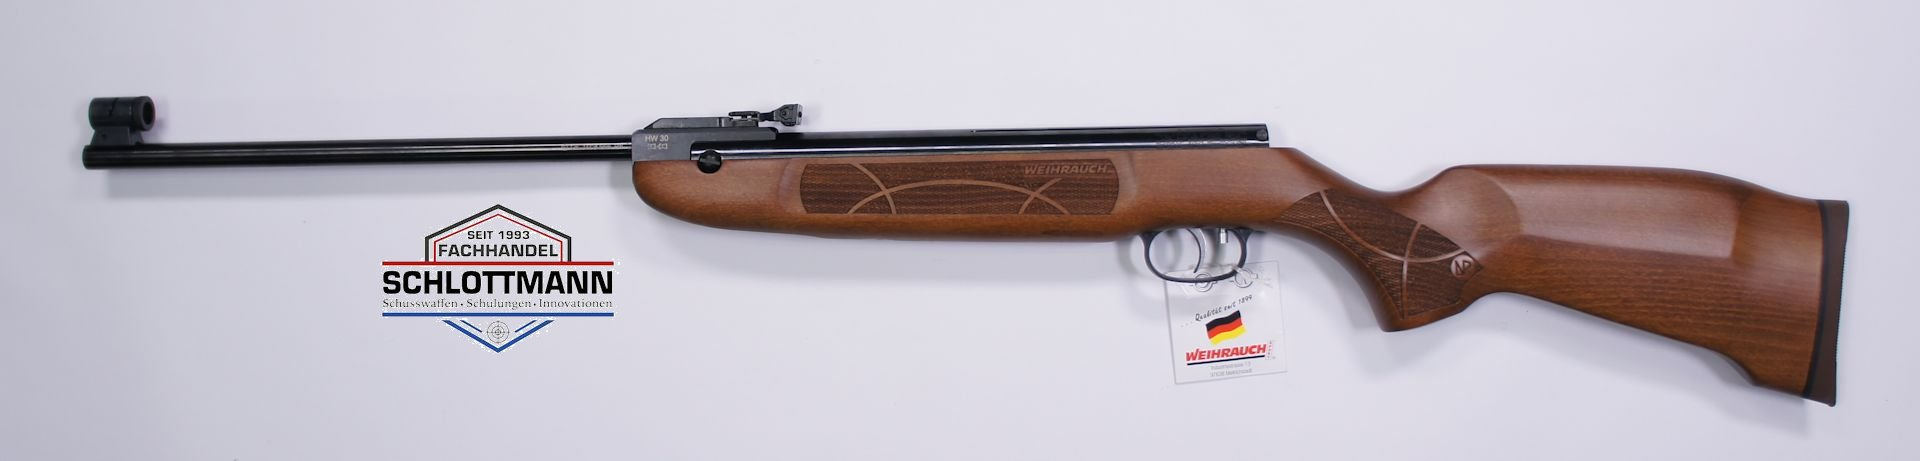 Weihrauch Luftgewehr HW 30 S im 4,5mm